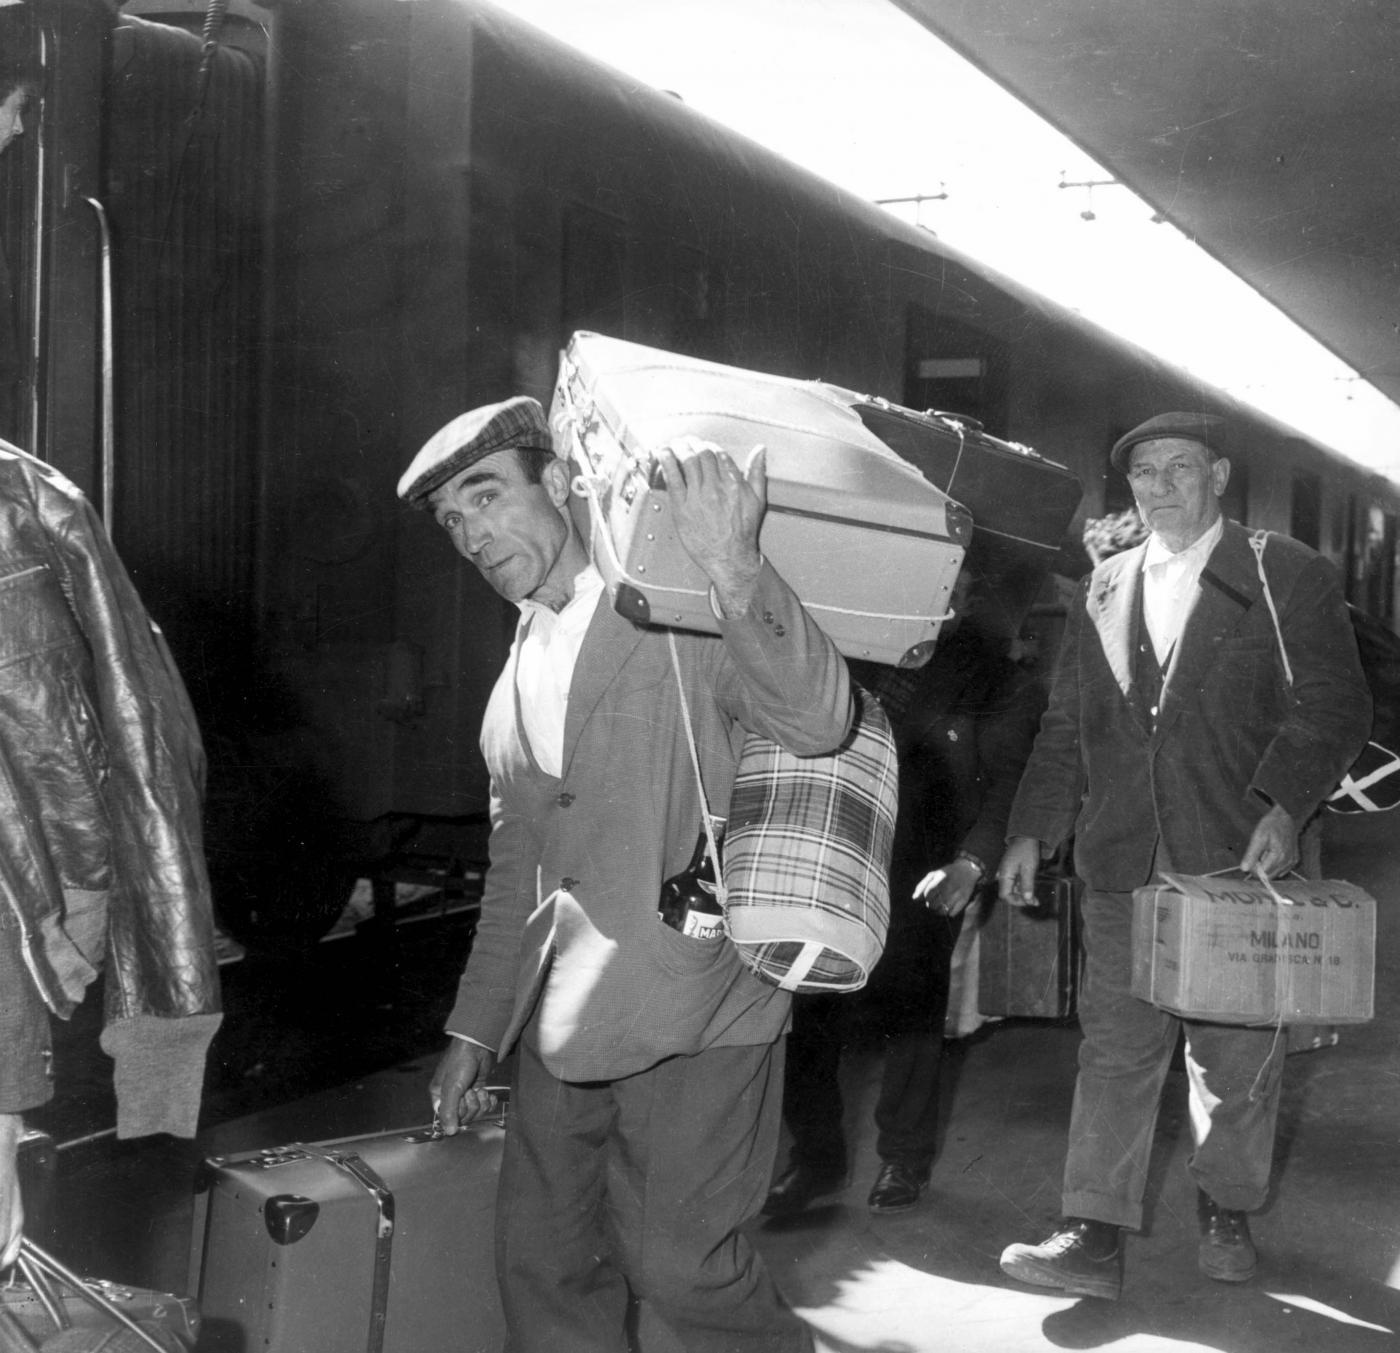 In Italia gli emigranti superano gli stranieri in arrivo